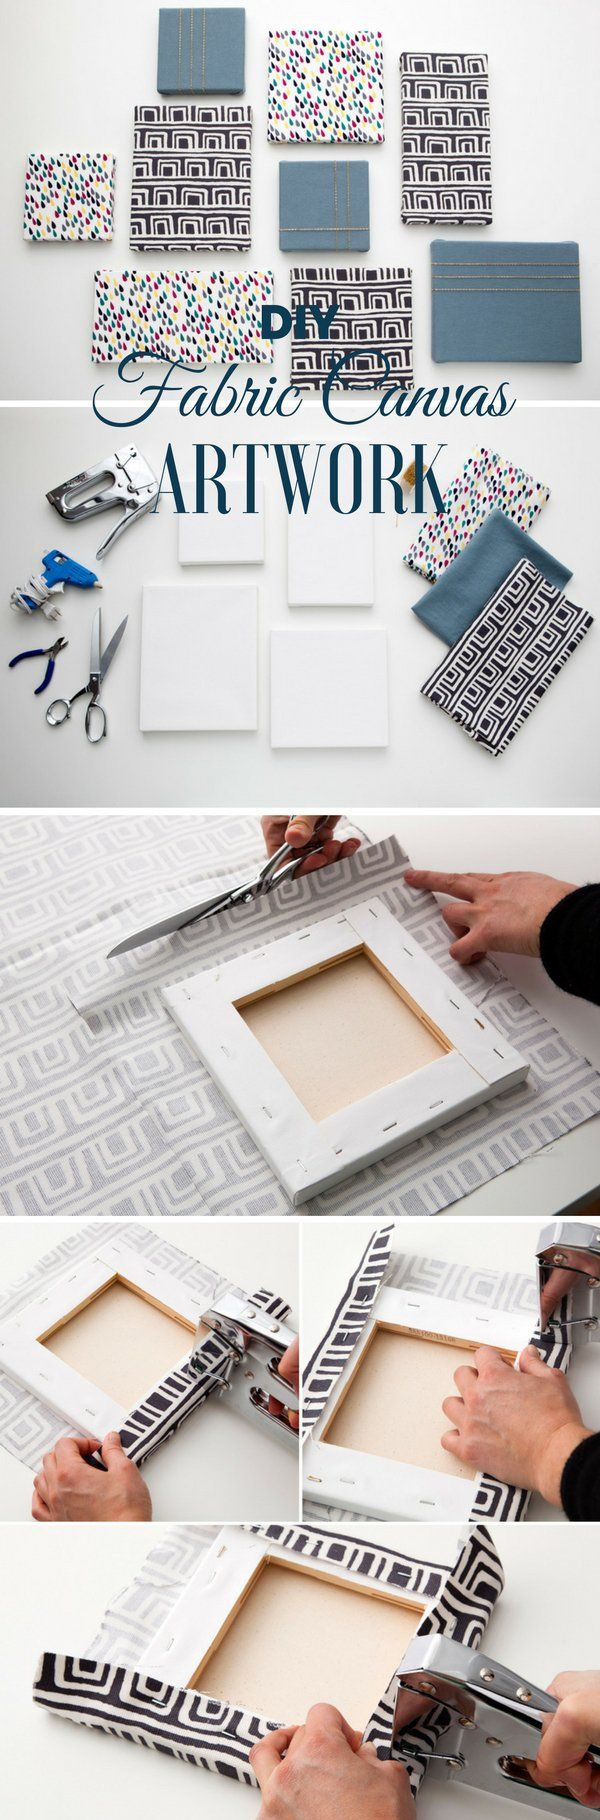 25+ unique Diy canvas art ideas on Pinterest | Diy canvas, Canvas ...